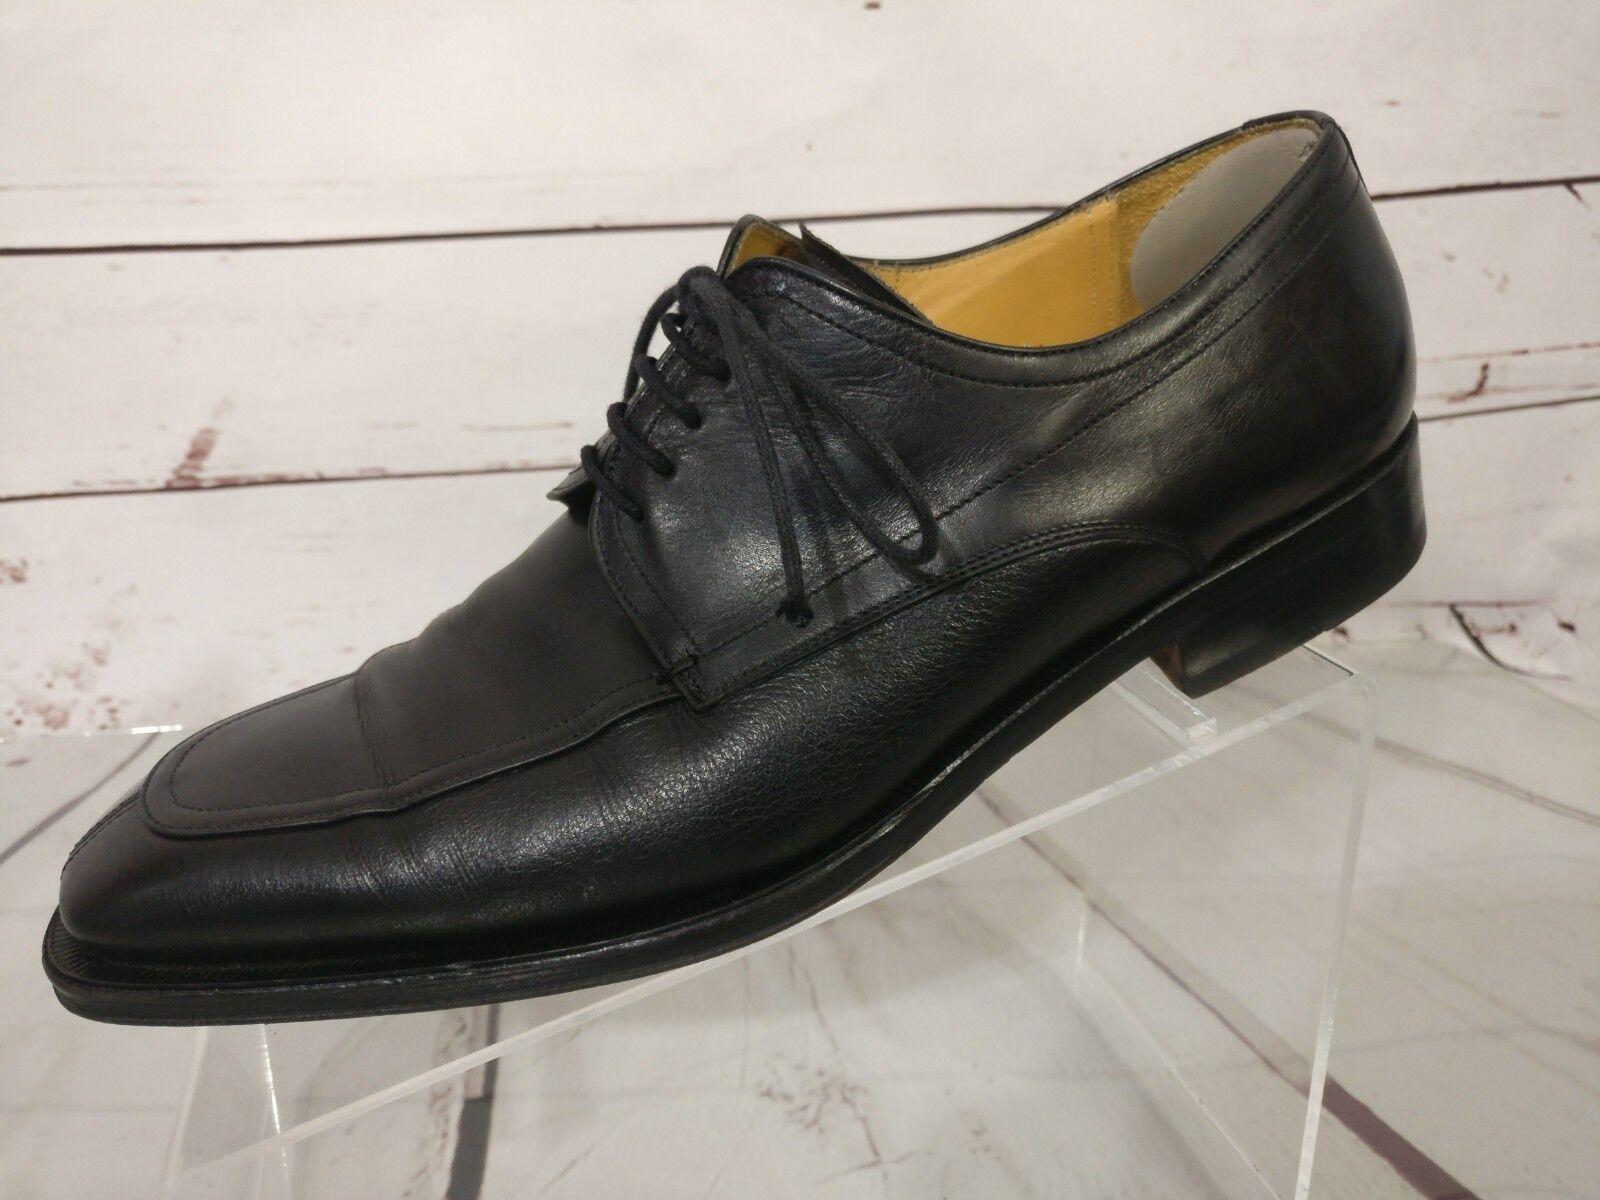 MEZLAN NOCi Black Leather Split Toe Dress Oxfords M Shoes MENS US 8.5 M Oxfords 27465 f2c7bb